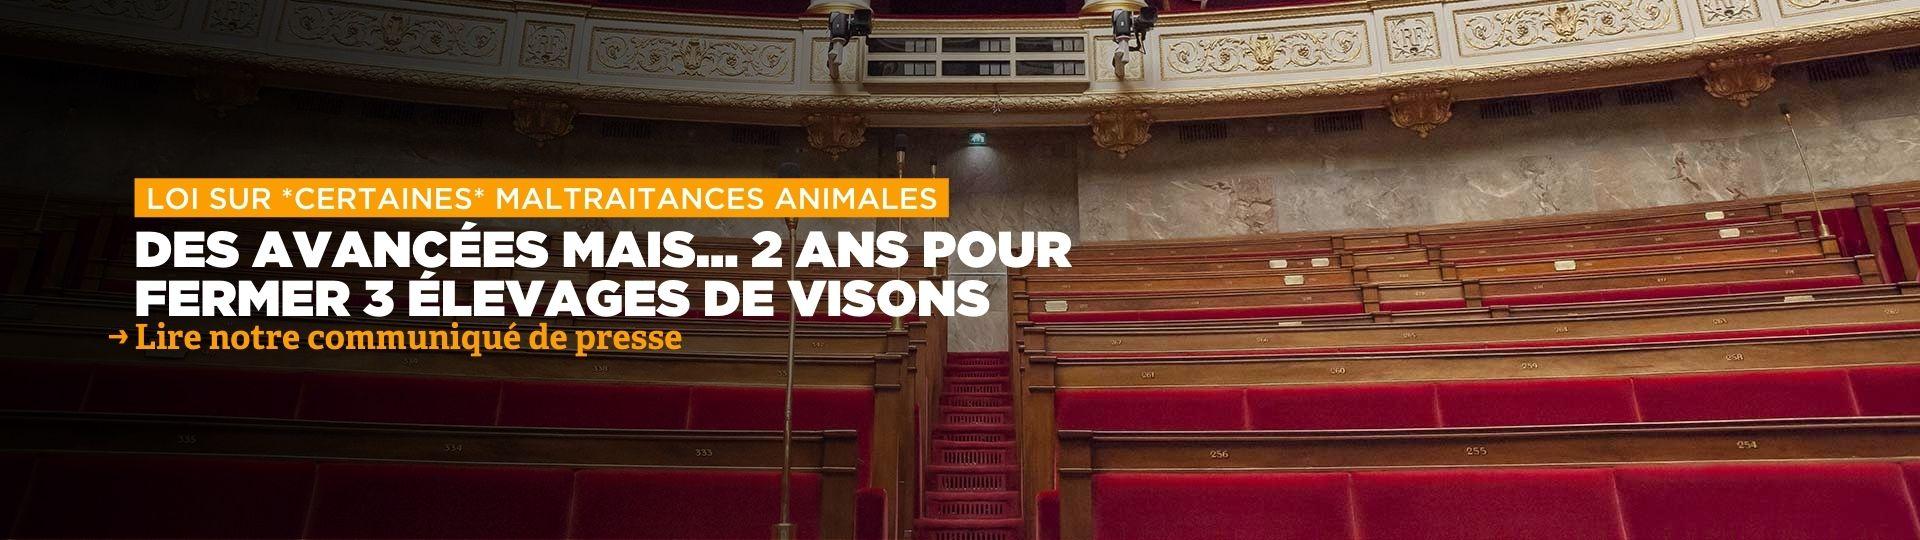 Loi Maltraitance animale : 2 ans pour fermer 3 élevages de visons...